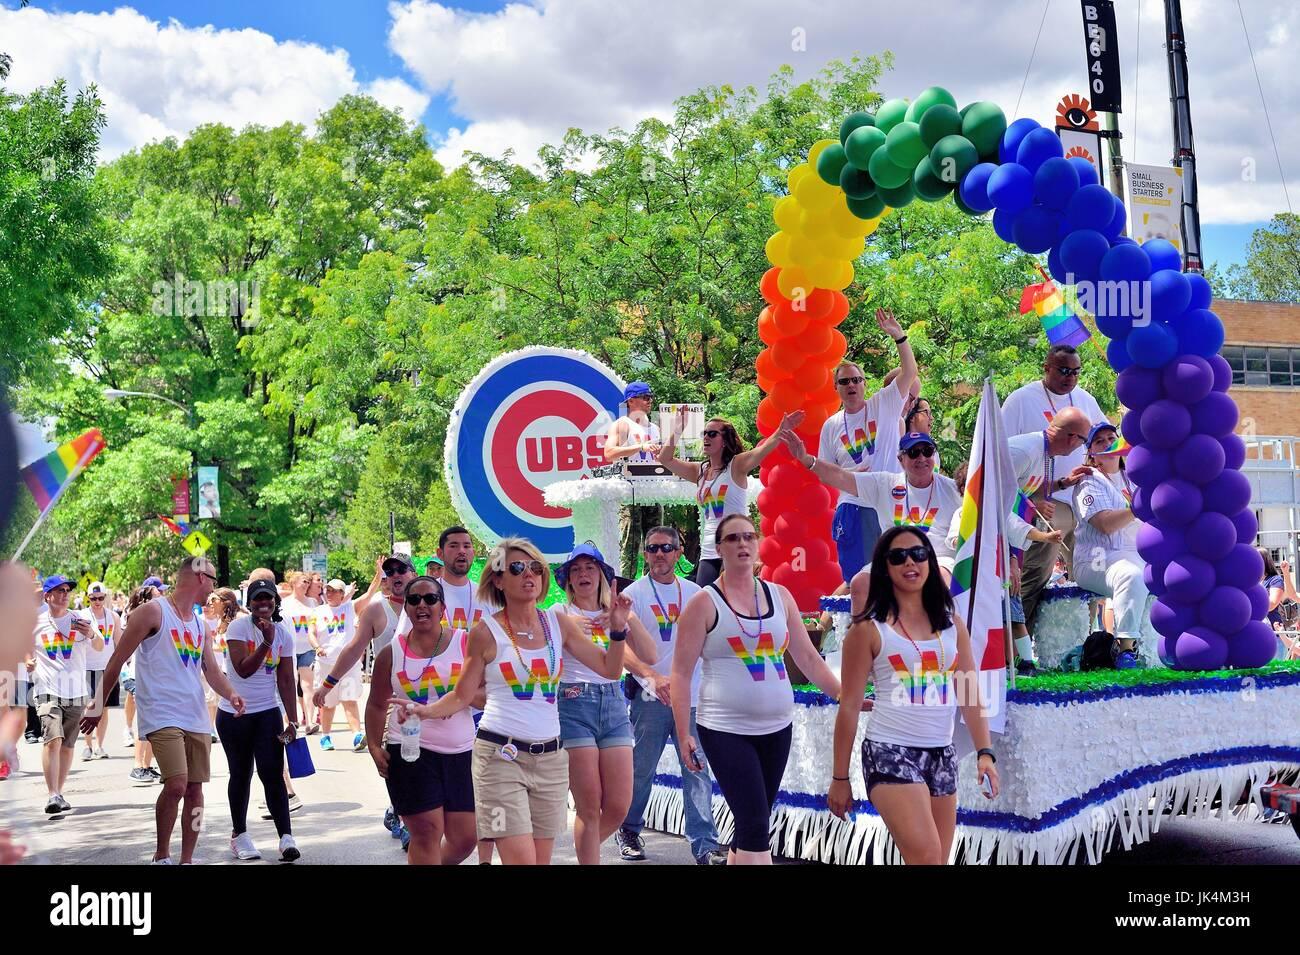 Ein Corporate und lokale Präsenz in Form von einem Schwimmer, der die Chicago Cubs in Chicago's Pride Parade. Stockbild